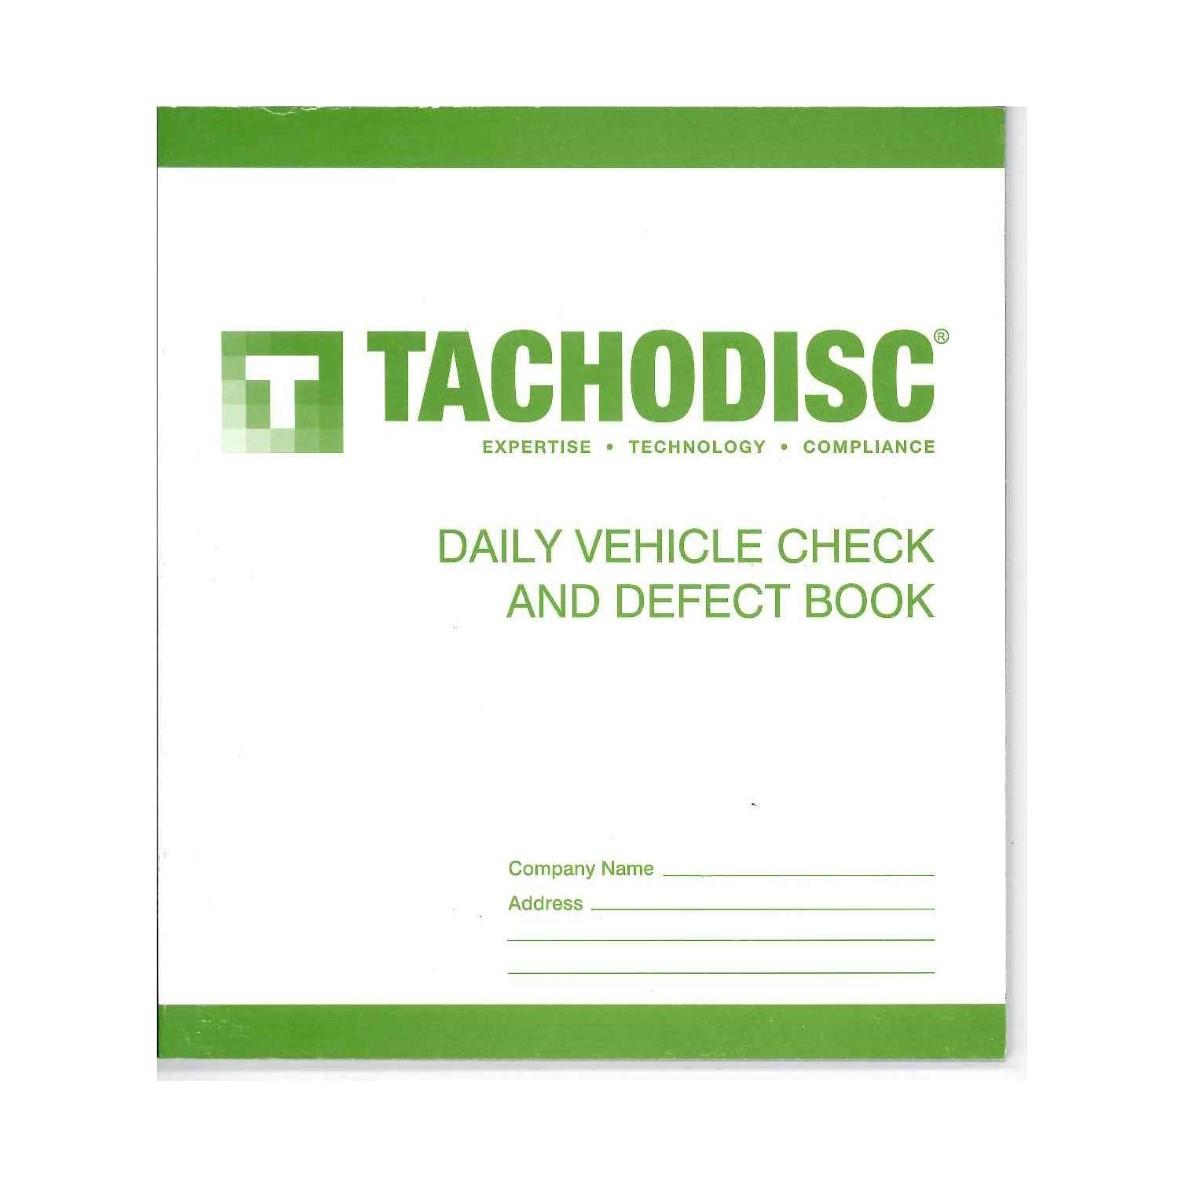 Tacho Defect Book Duplicate